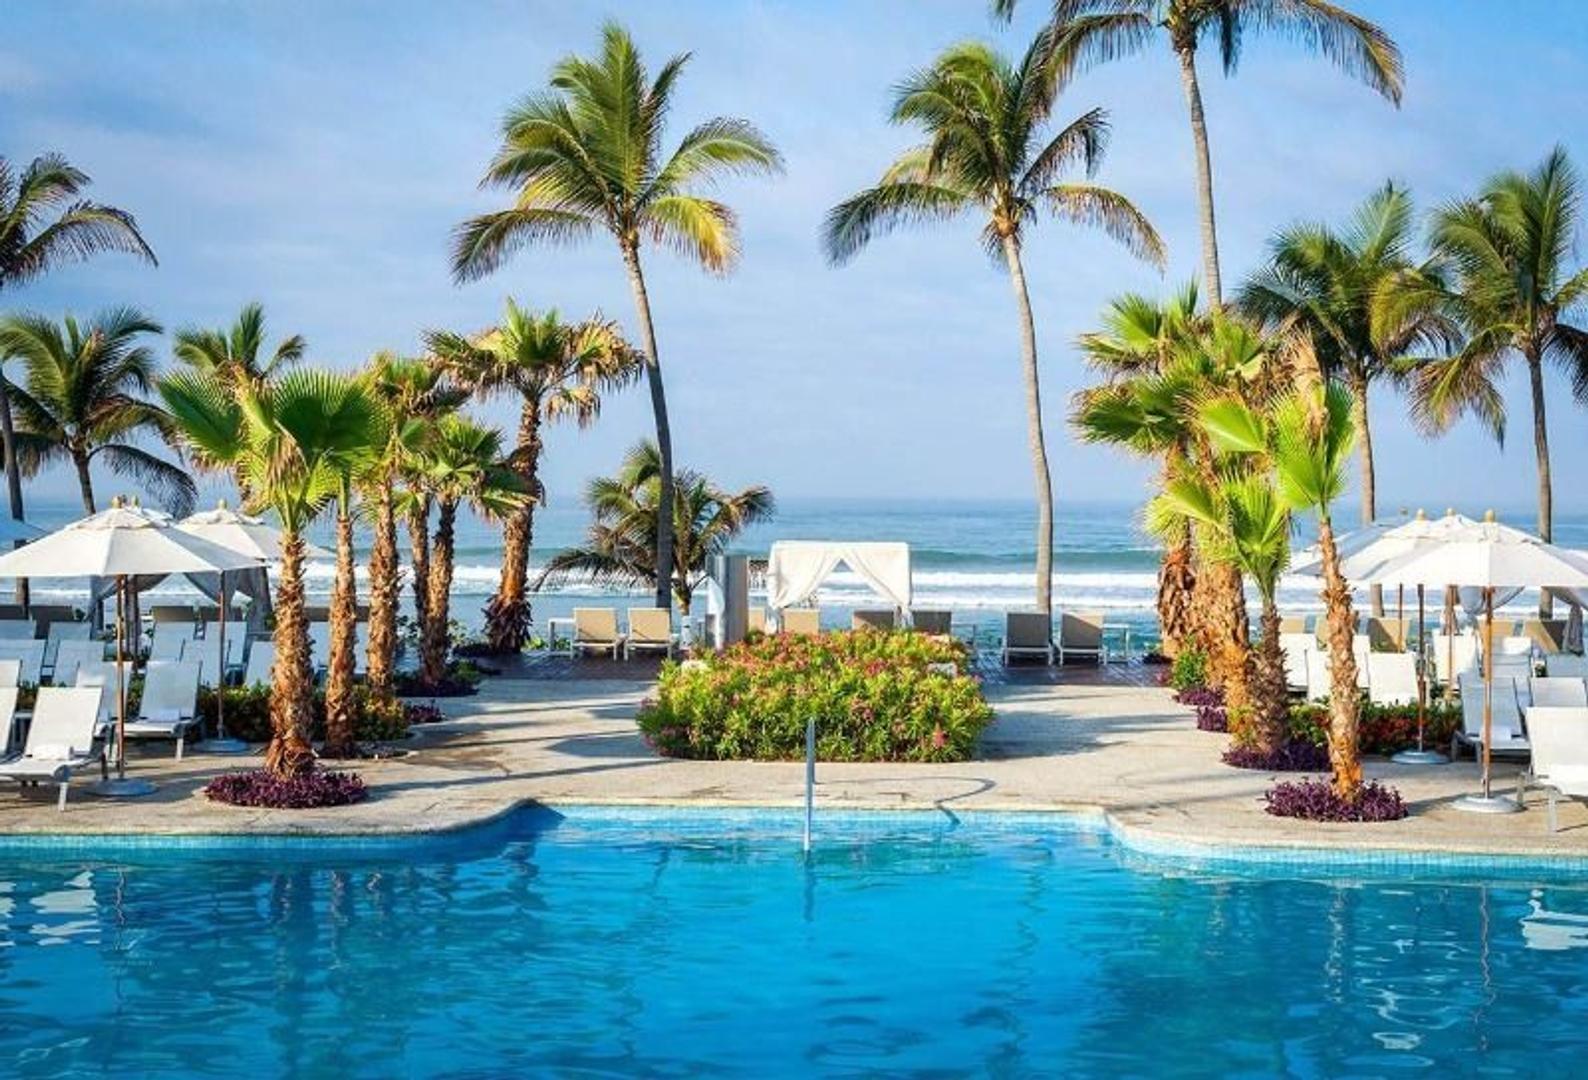 Alquilá 1 y disfrutá de 2 semanas en HOTEL VIDANTA ACAPULCO  - Acapulco - MÉXICO